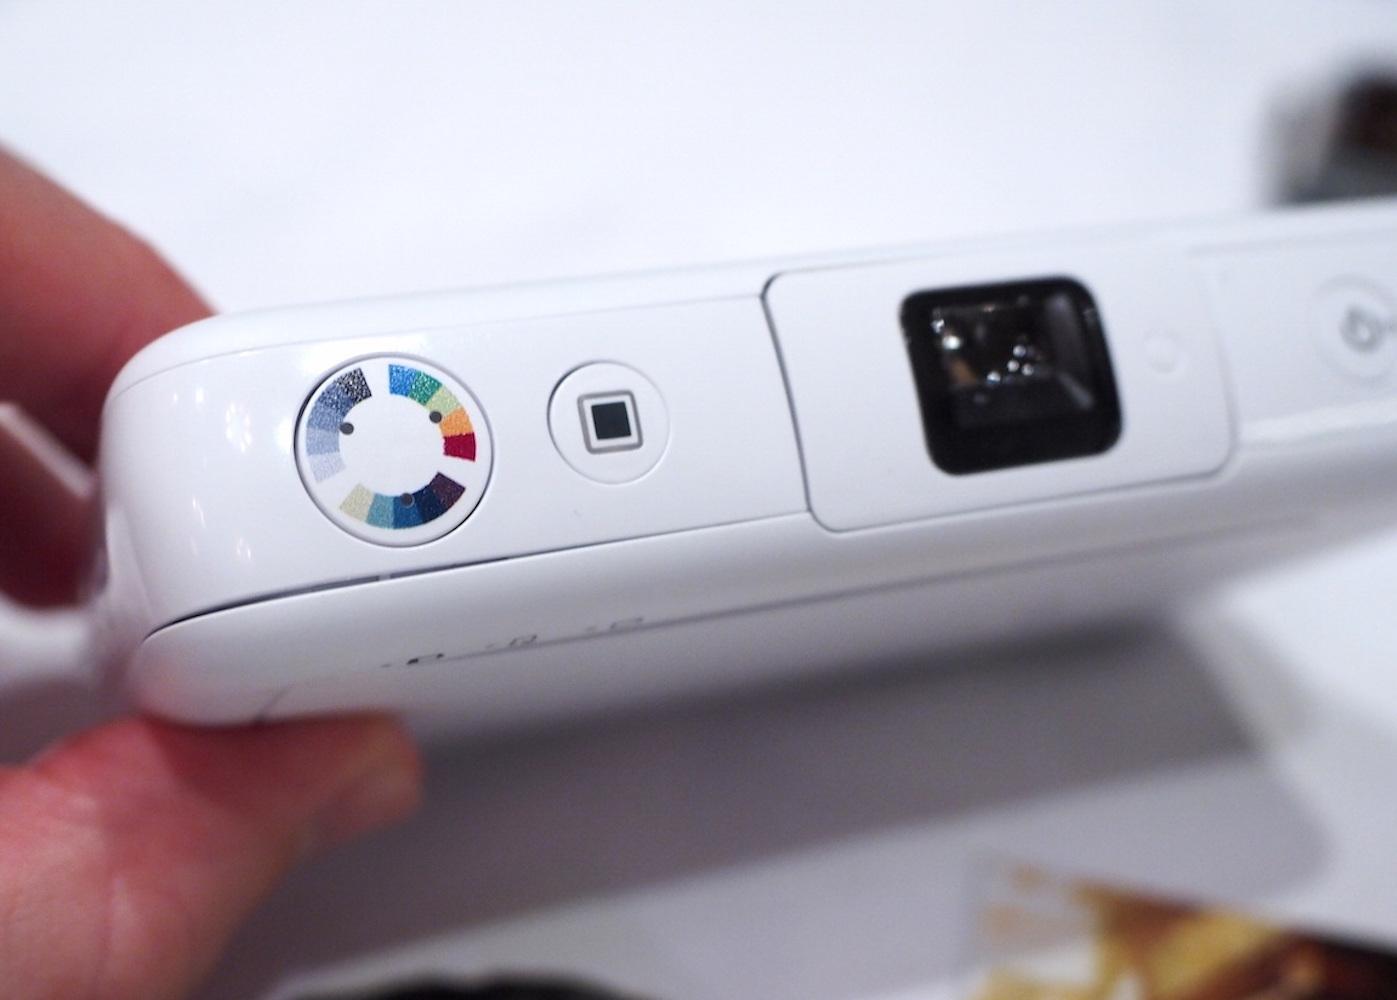 polaroid-snap-instant-digital-camera-04